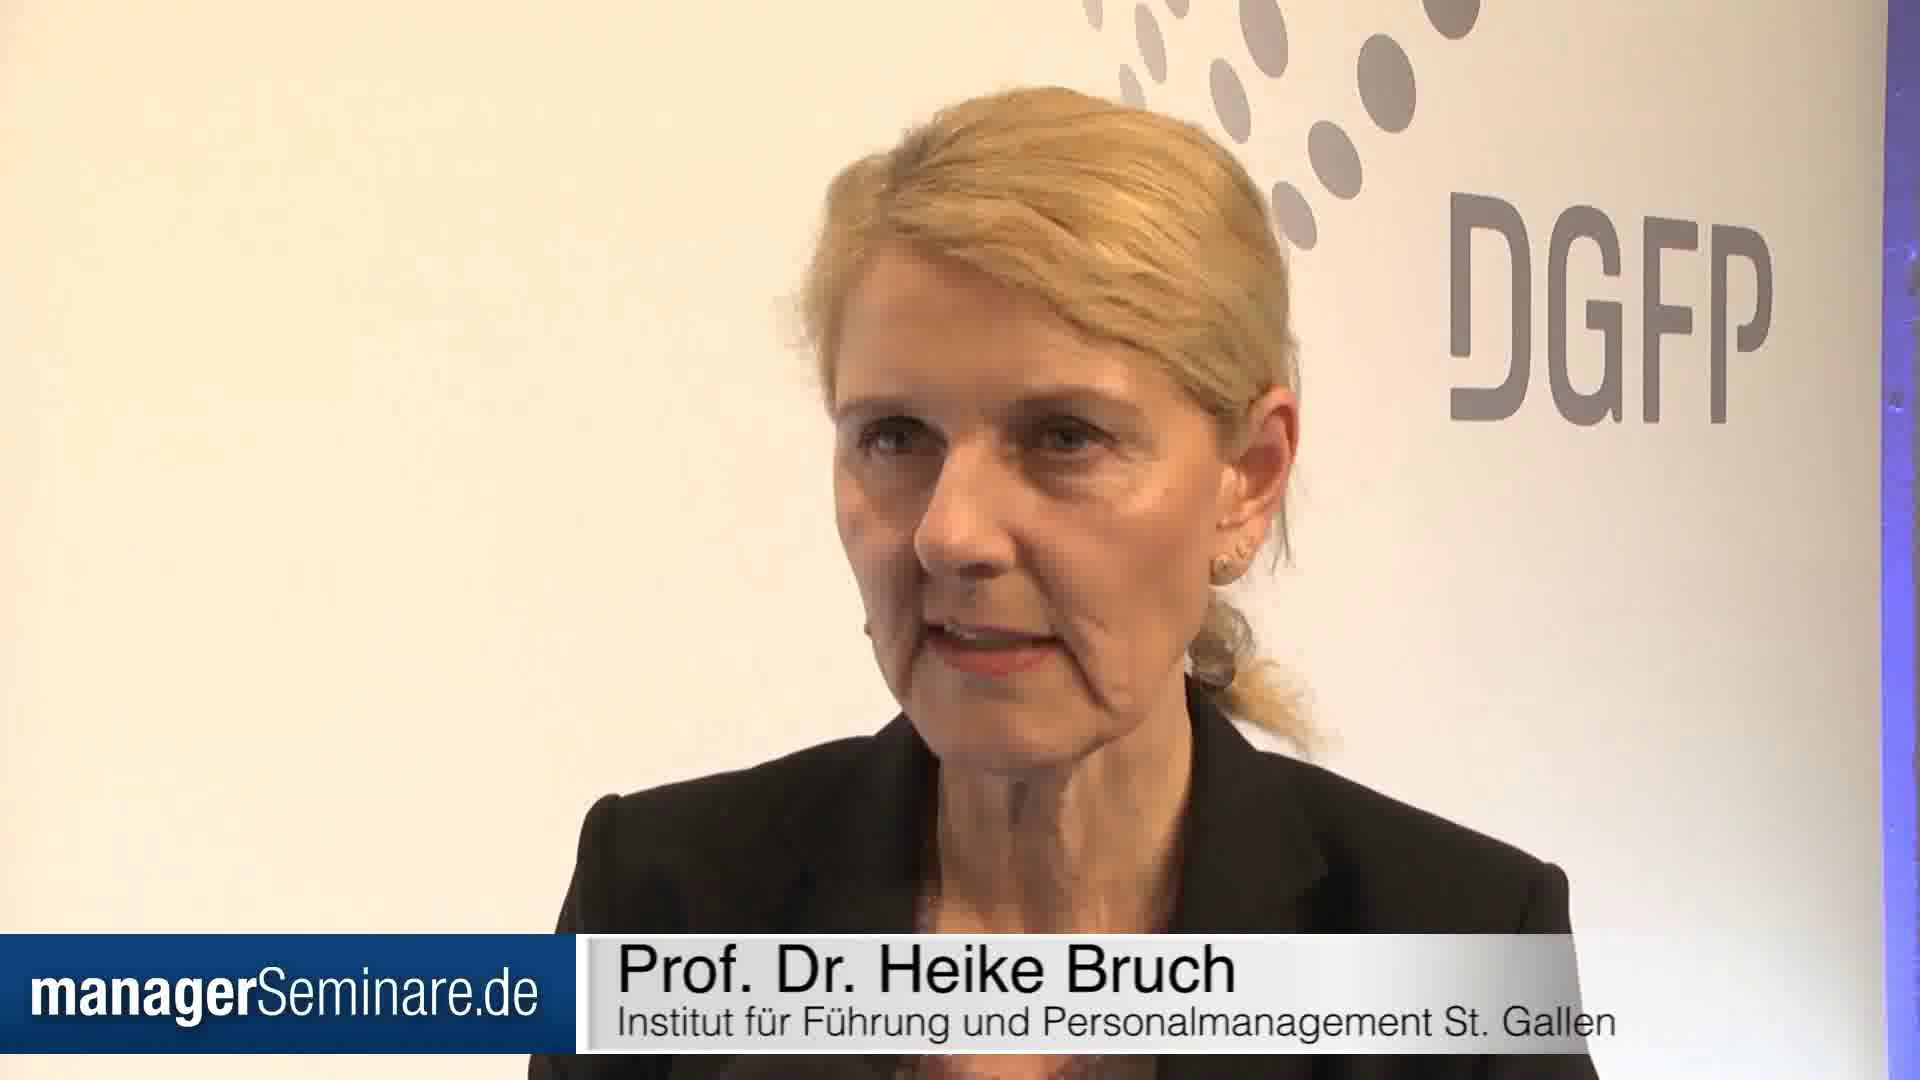 Link Heike Bruch: 'Neue Führung geht zurück auf tradierte Werte'